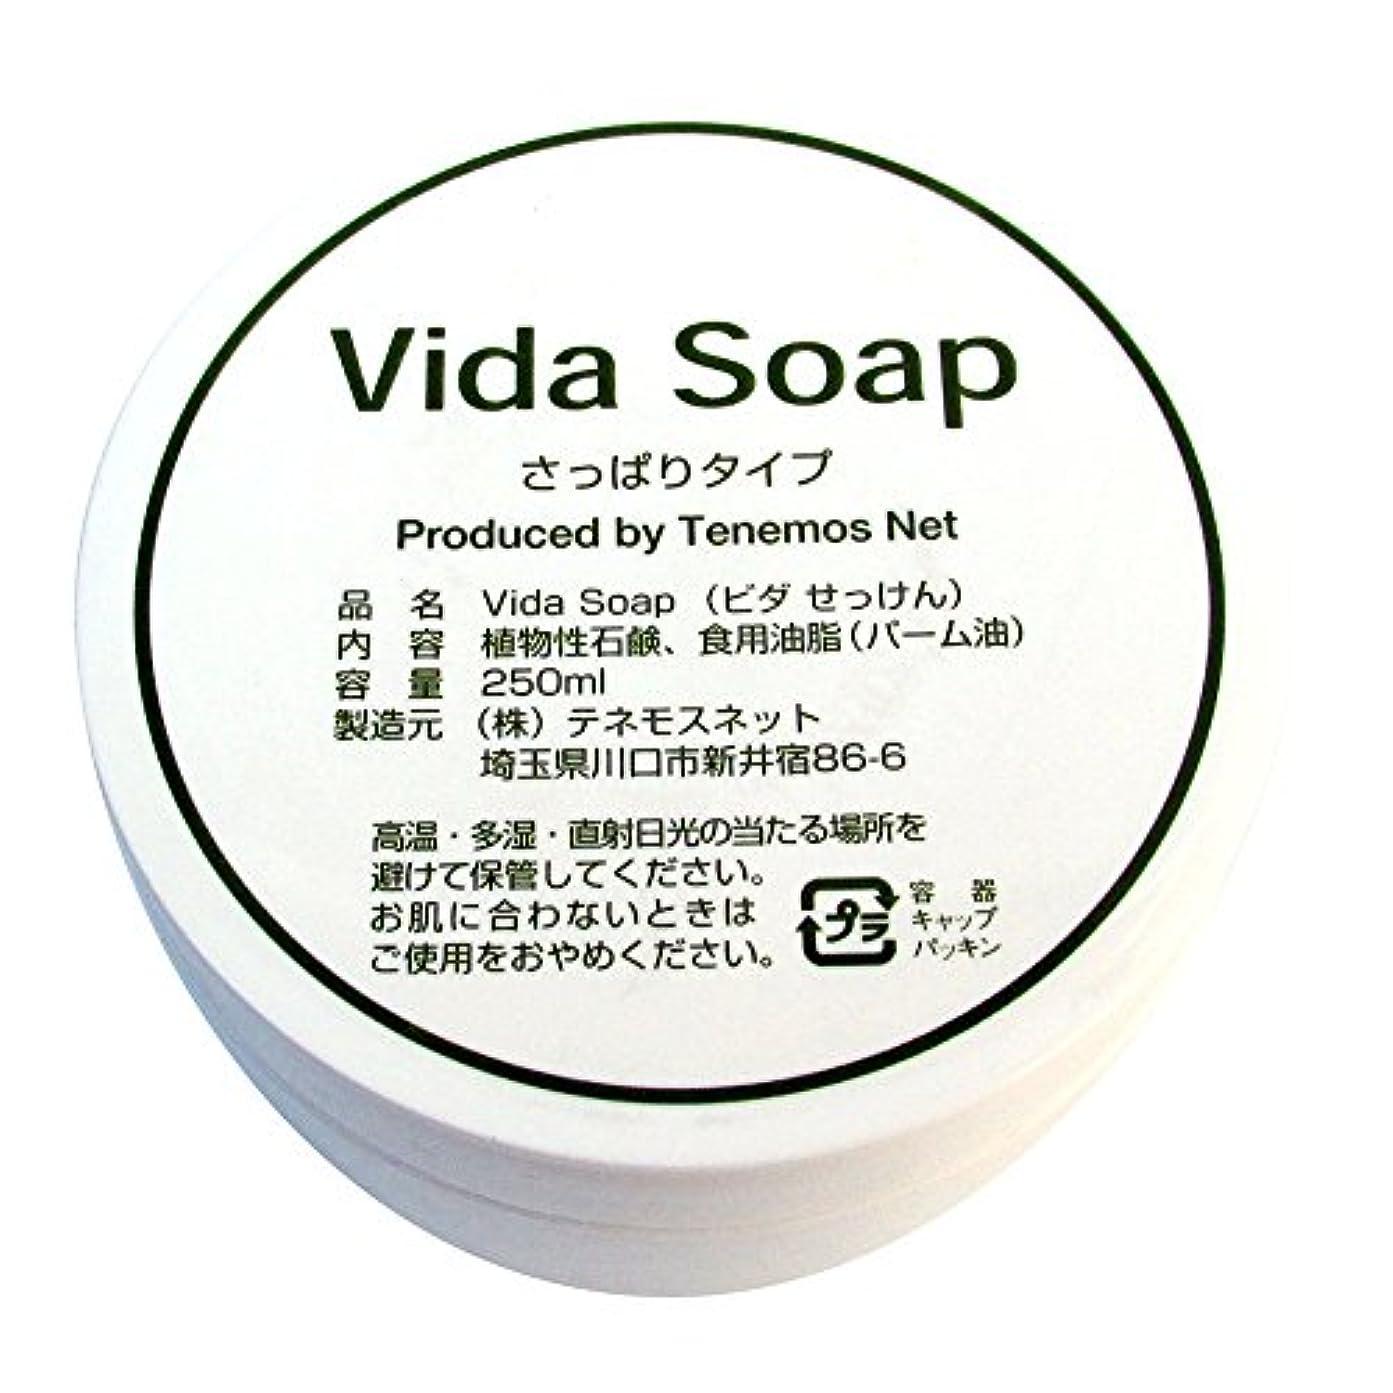 騒六月マトンテネモス ビダせっけん Vida Soap さっぱりノーマル 植物性 250ml